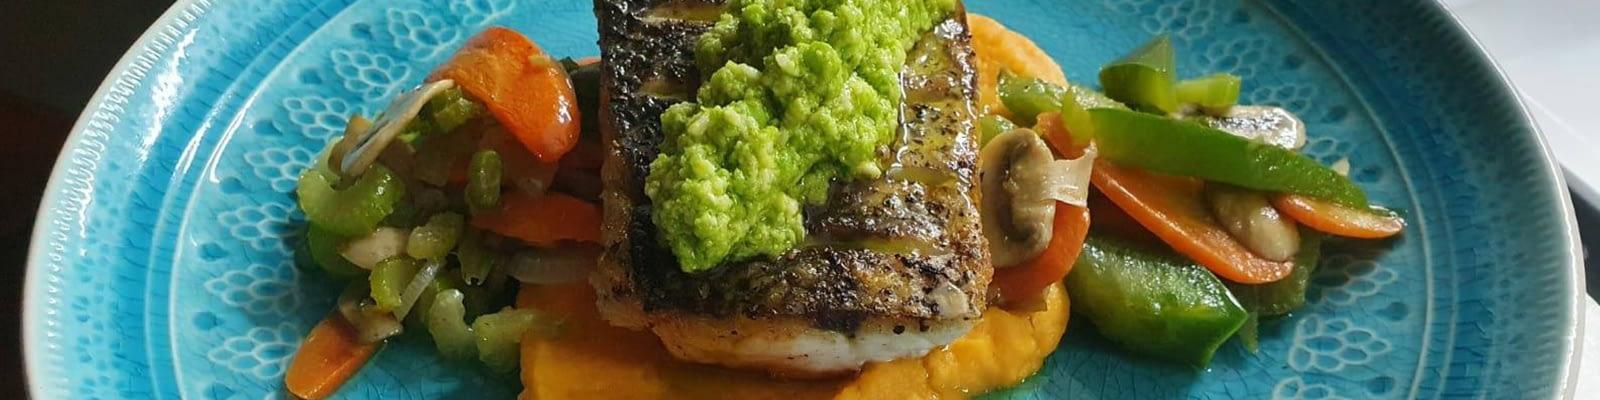 restaurant-bistro-sorobon-slider-5